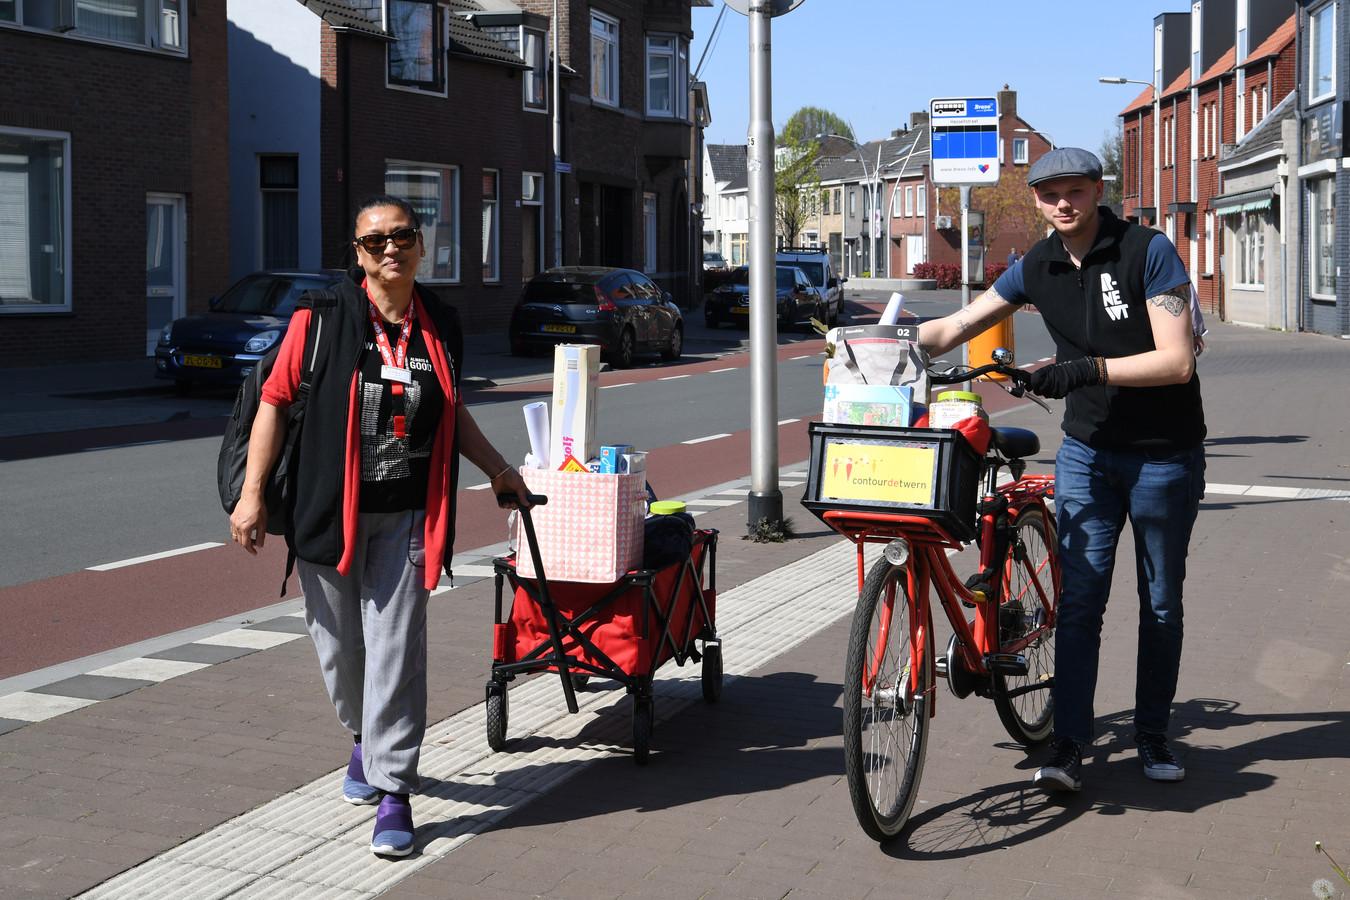 Shirley van den Broek en Olmer Steegh van ContourdeTwern en RNewt met een tassen vol speelgoed op pad in Tilburg Oud-Noord.